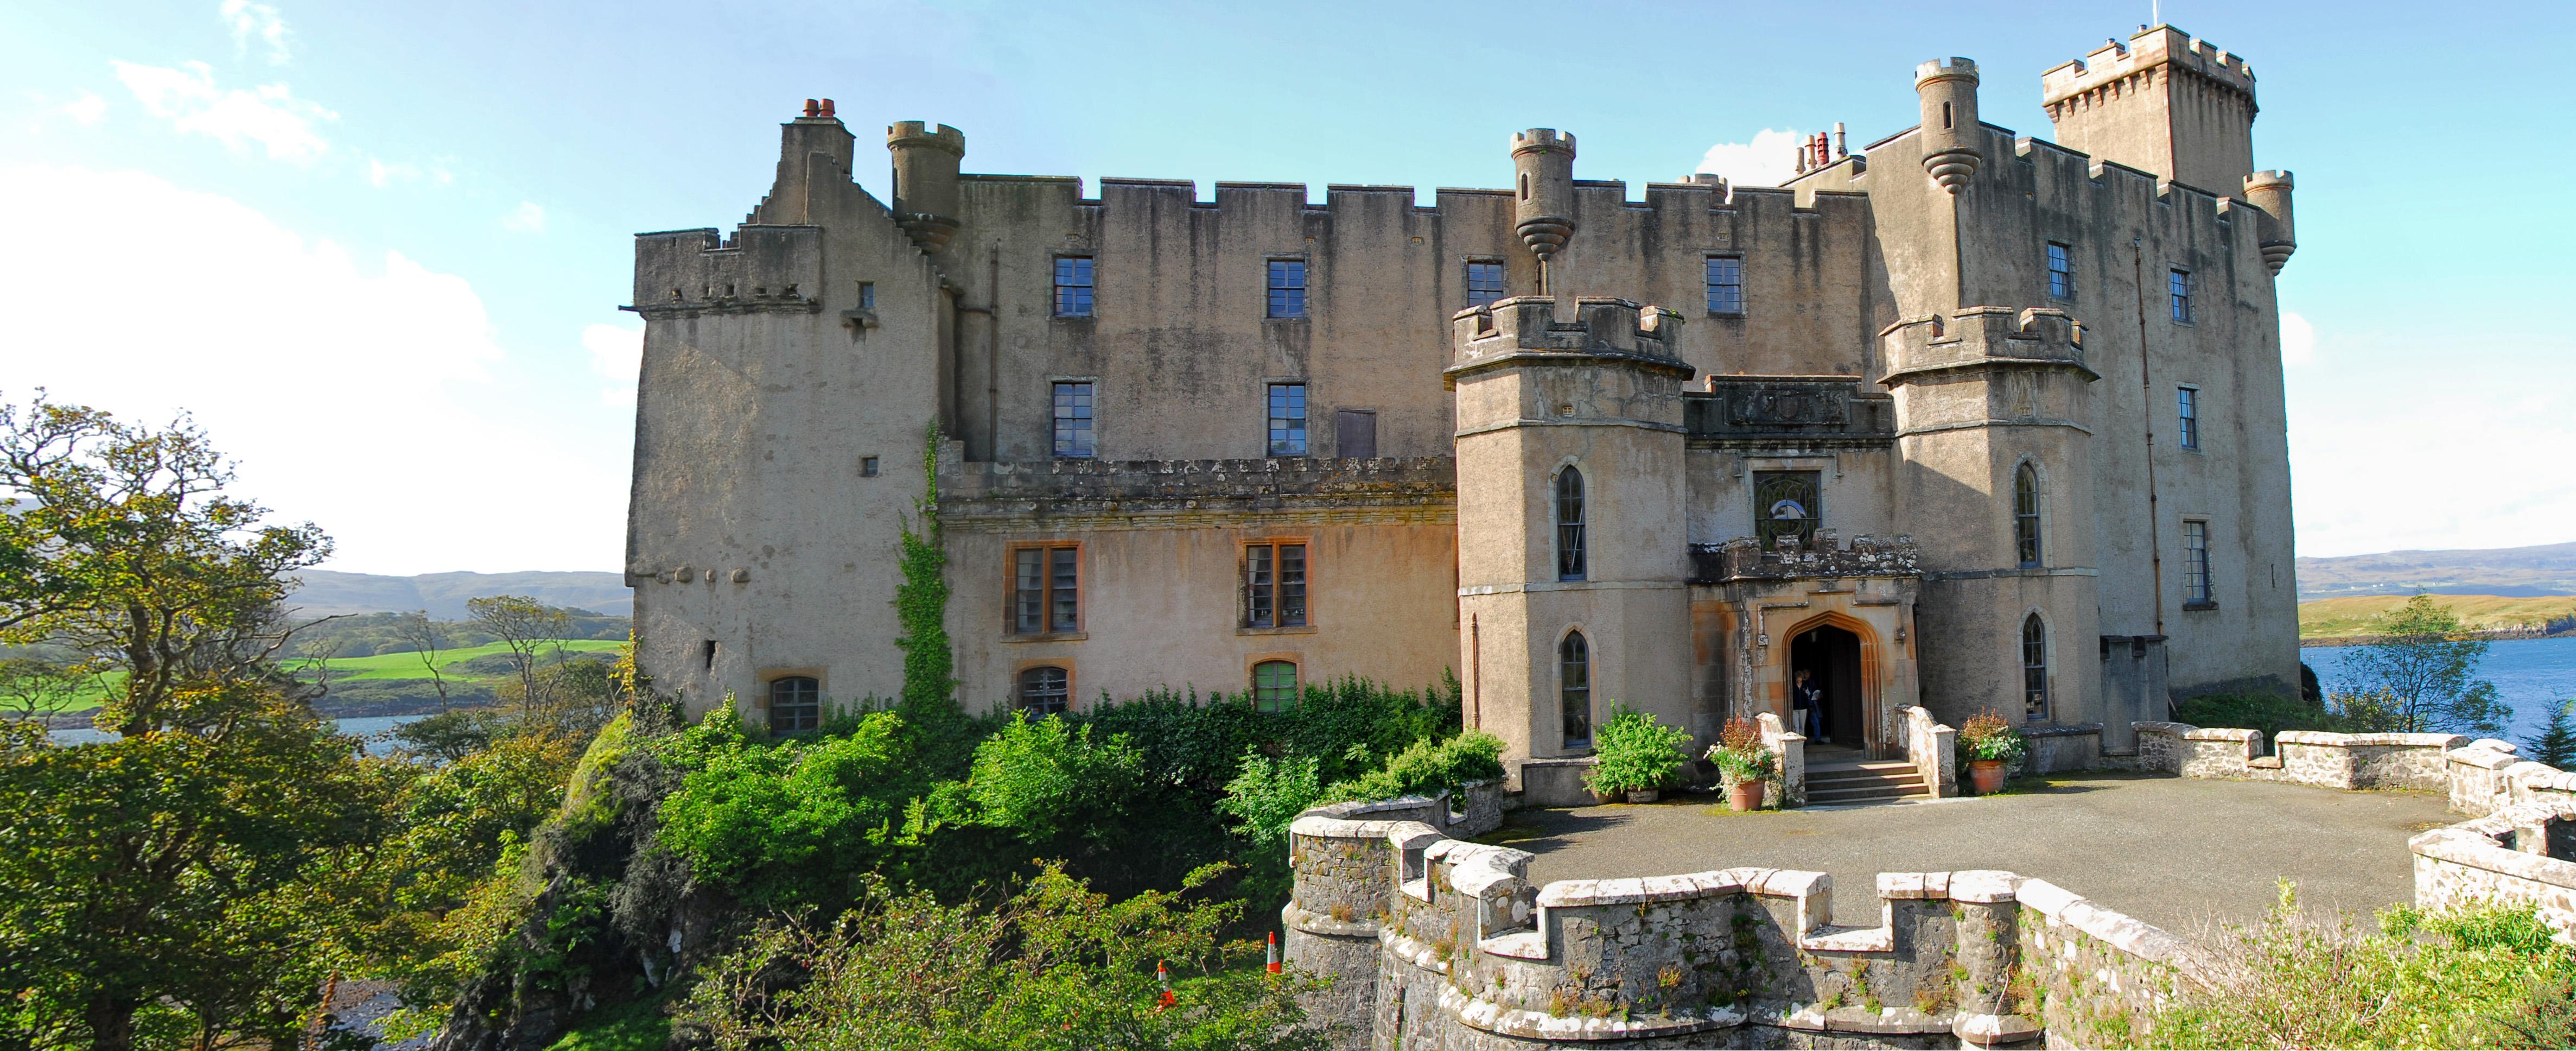 Panoramic shot of Dunvegan Castle